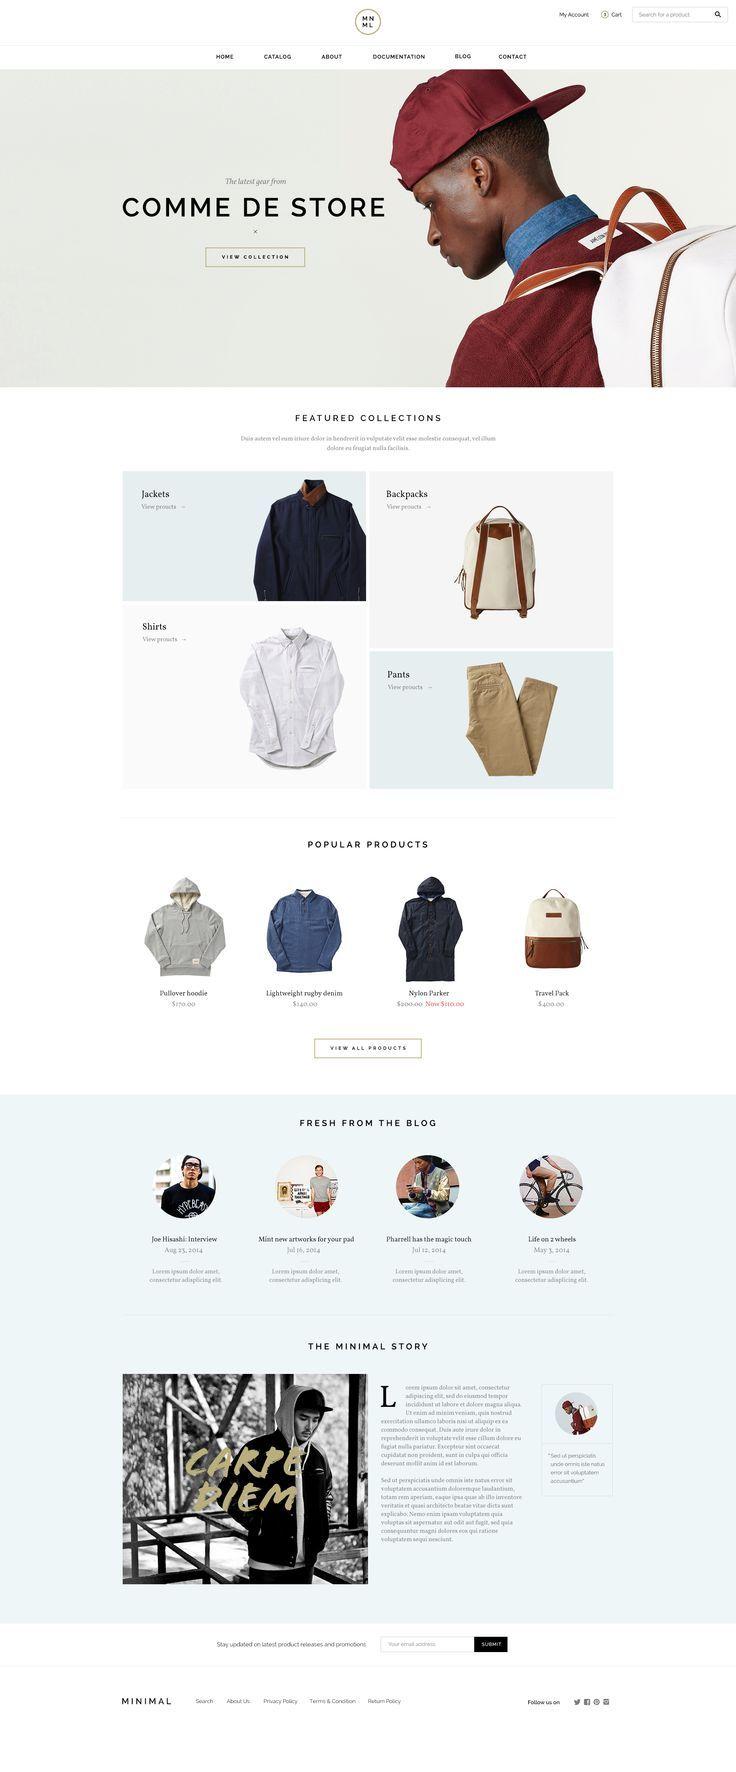 eCommerce web site concept by Nguyen Le. https://dribbble.com/shots/1812044-Shop/attachments/299714